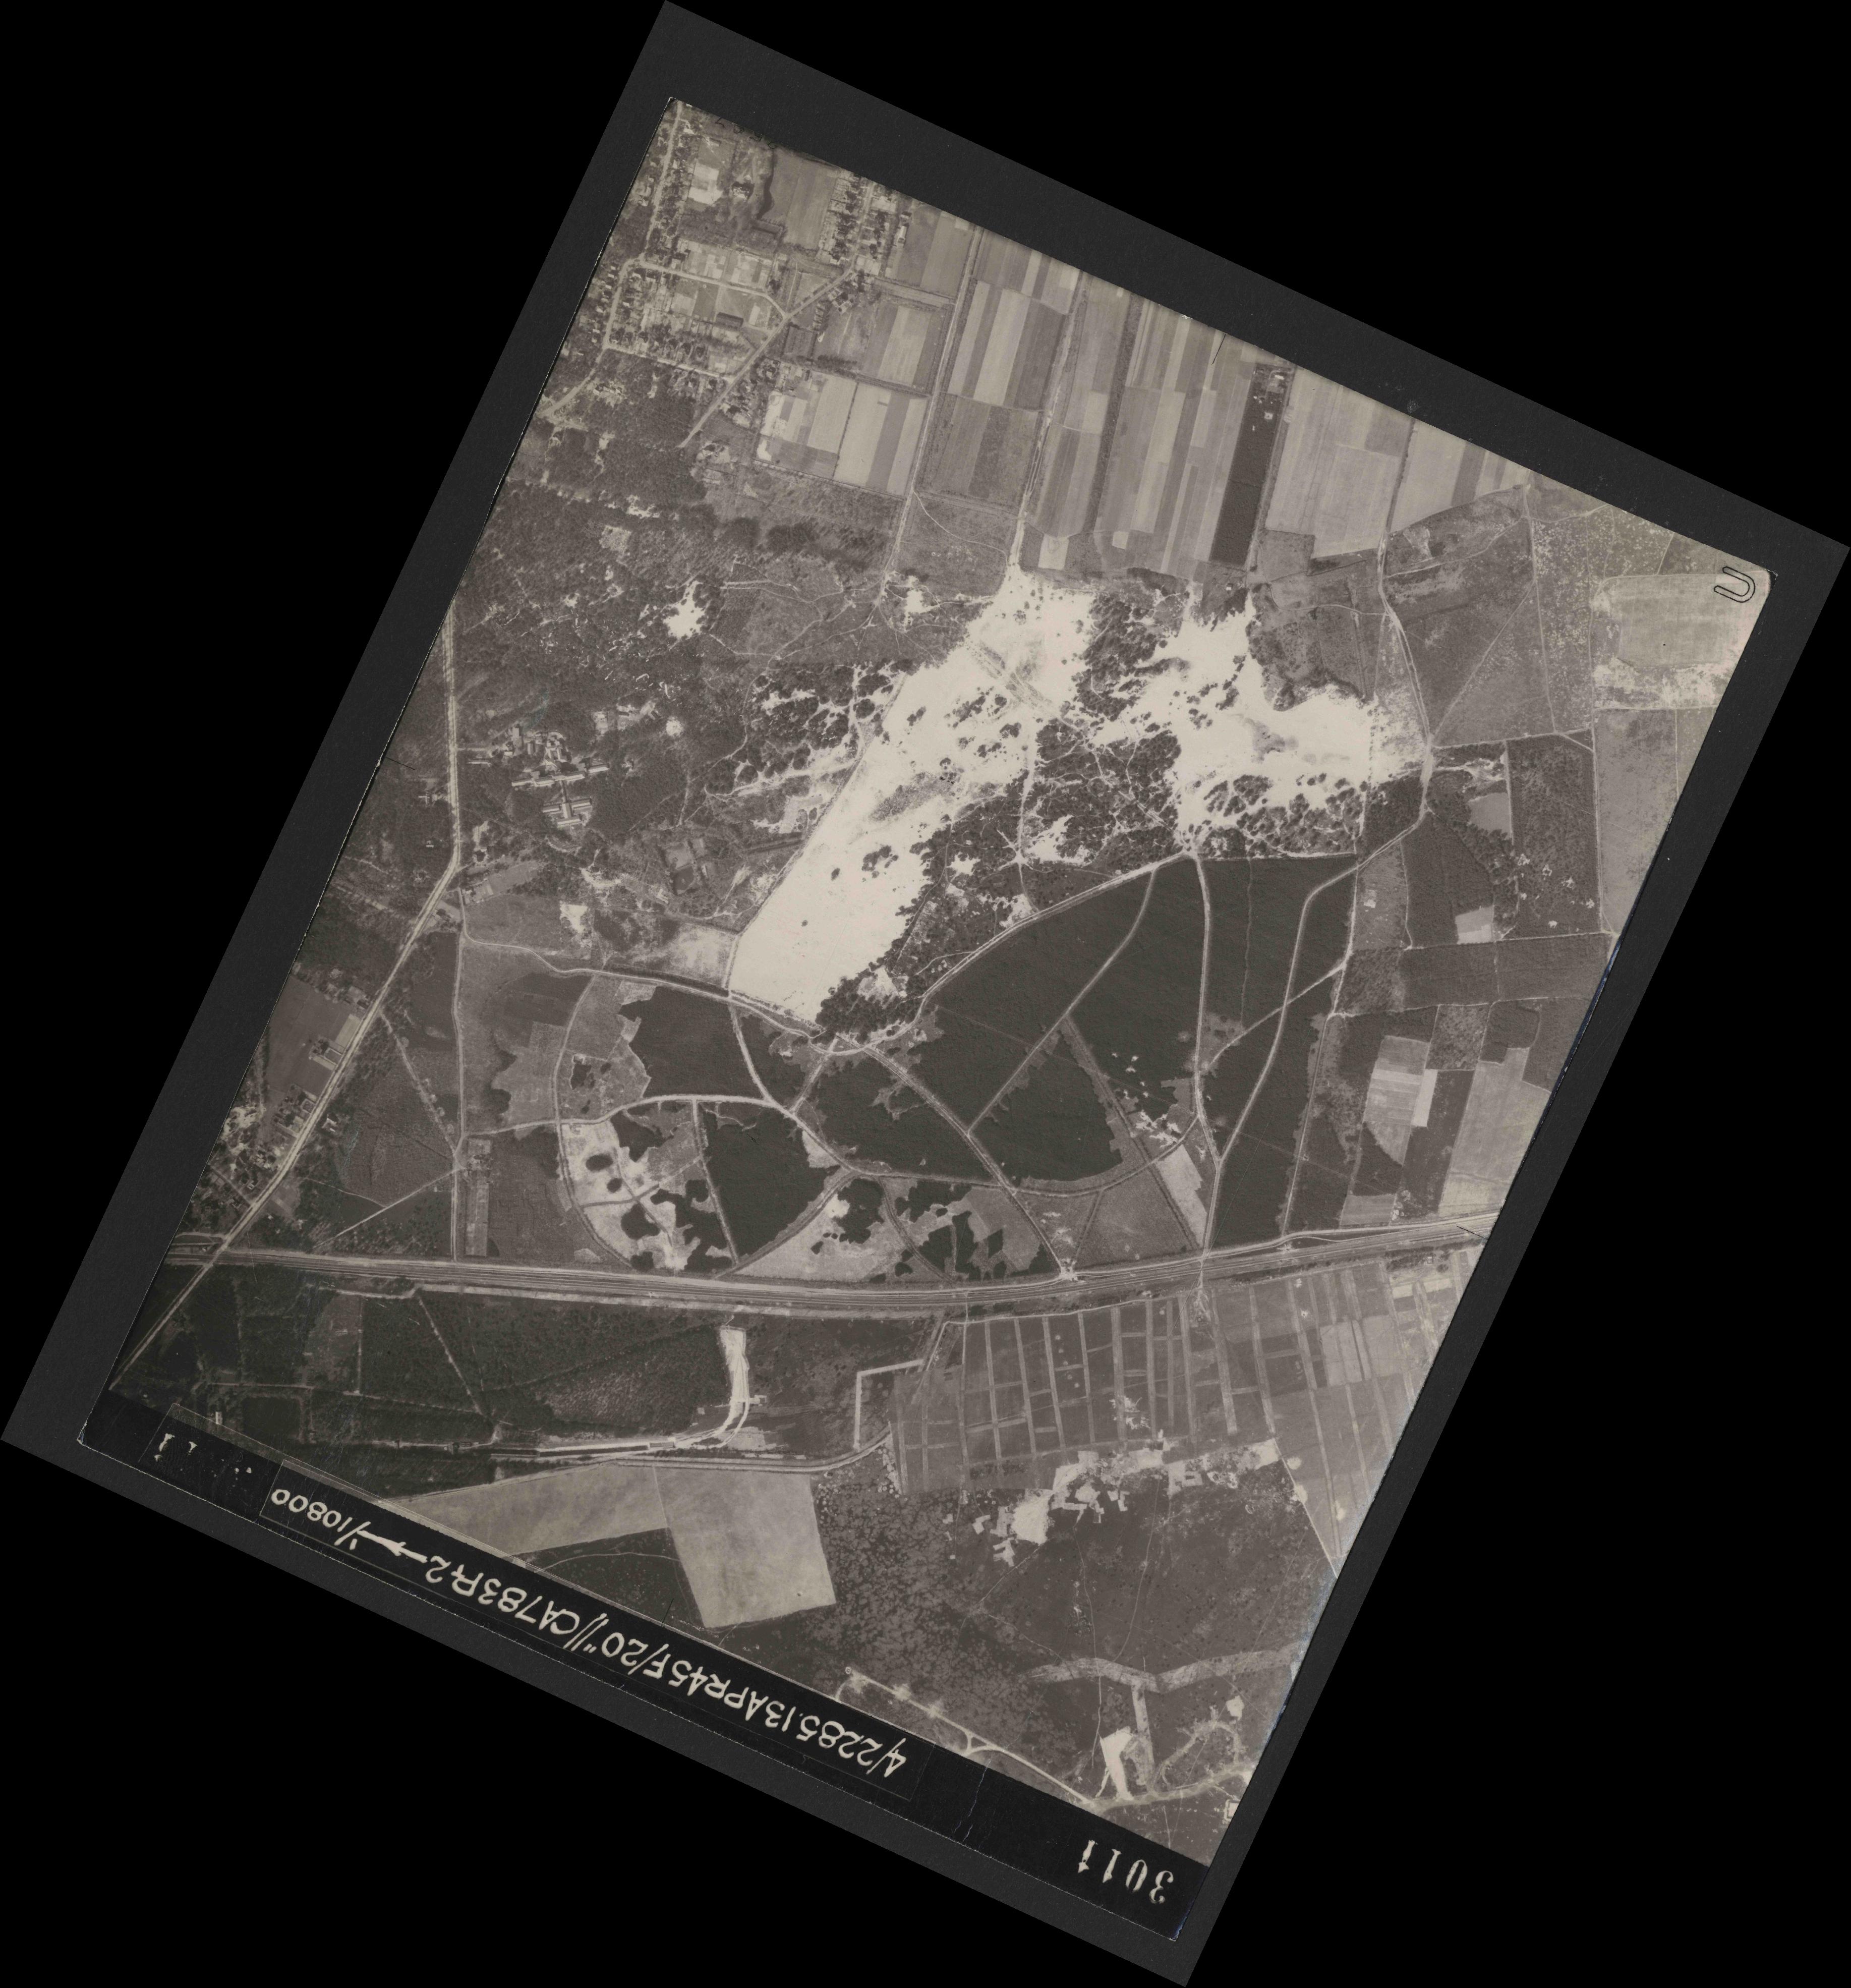 Collection RAF aerial photos 1940-1945 - flight 138, run 12, photo 3011